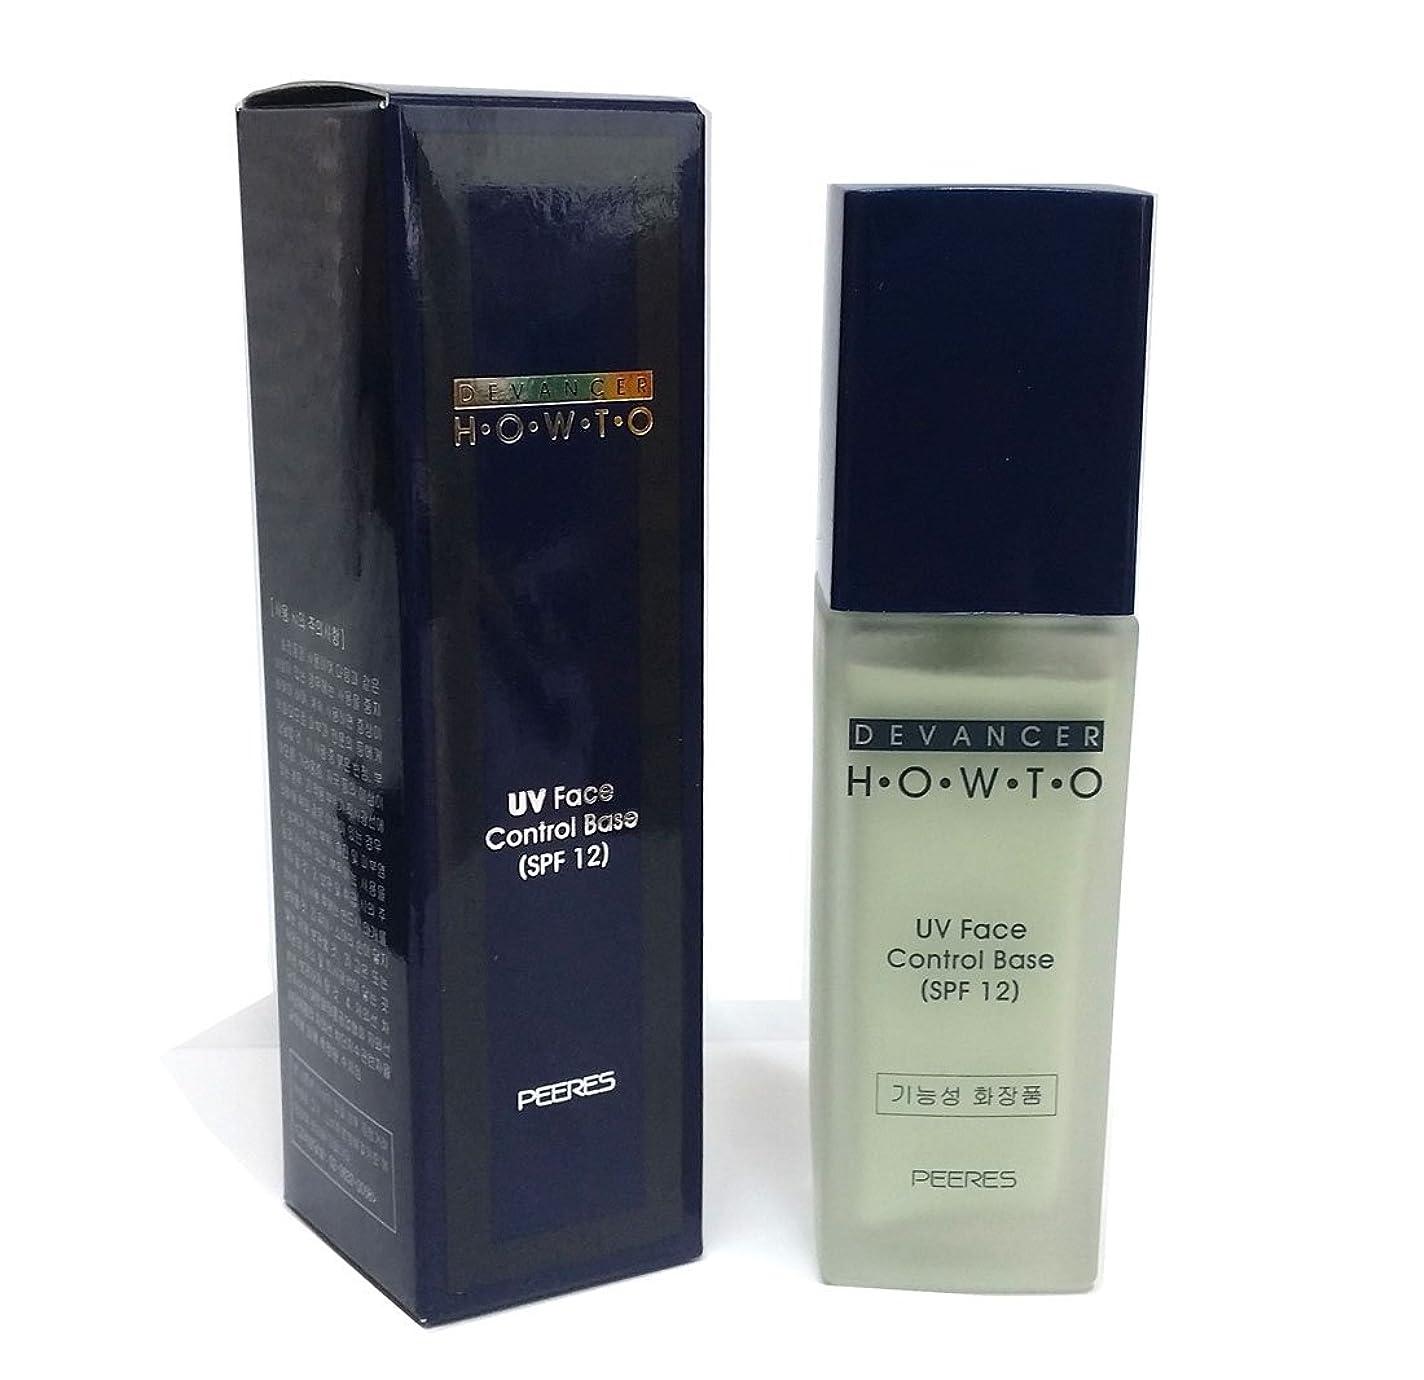 強い適用する包囲[Devancer] Peeres UVフェイスコントロールベース40g(SPF12)No.50グリーン / Peeres?UV face Control Base 40g(SPF12) No.50 green / メイクアップベース / Makeup Base / 韓国化粧品 / Korean Cosmetics [並行輸入品]